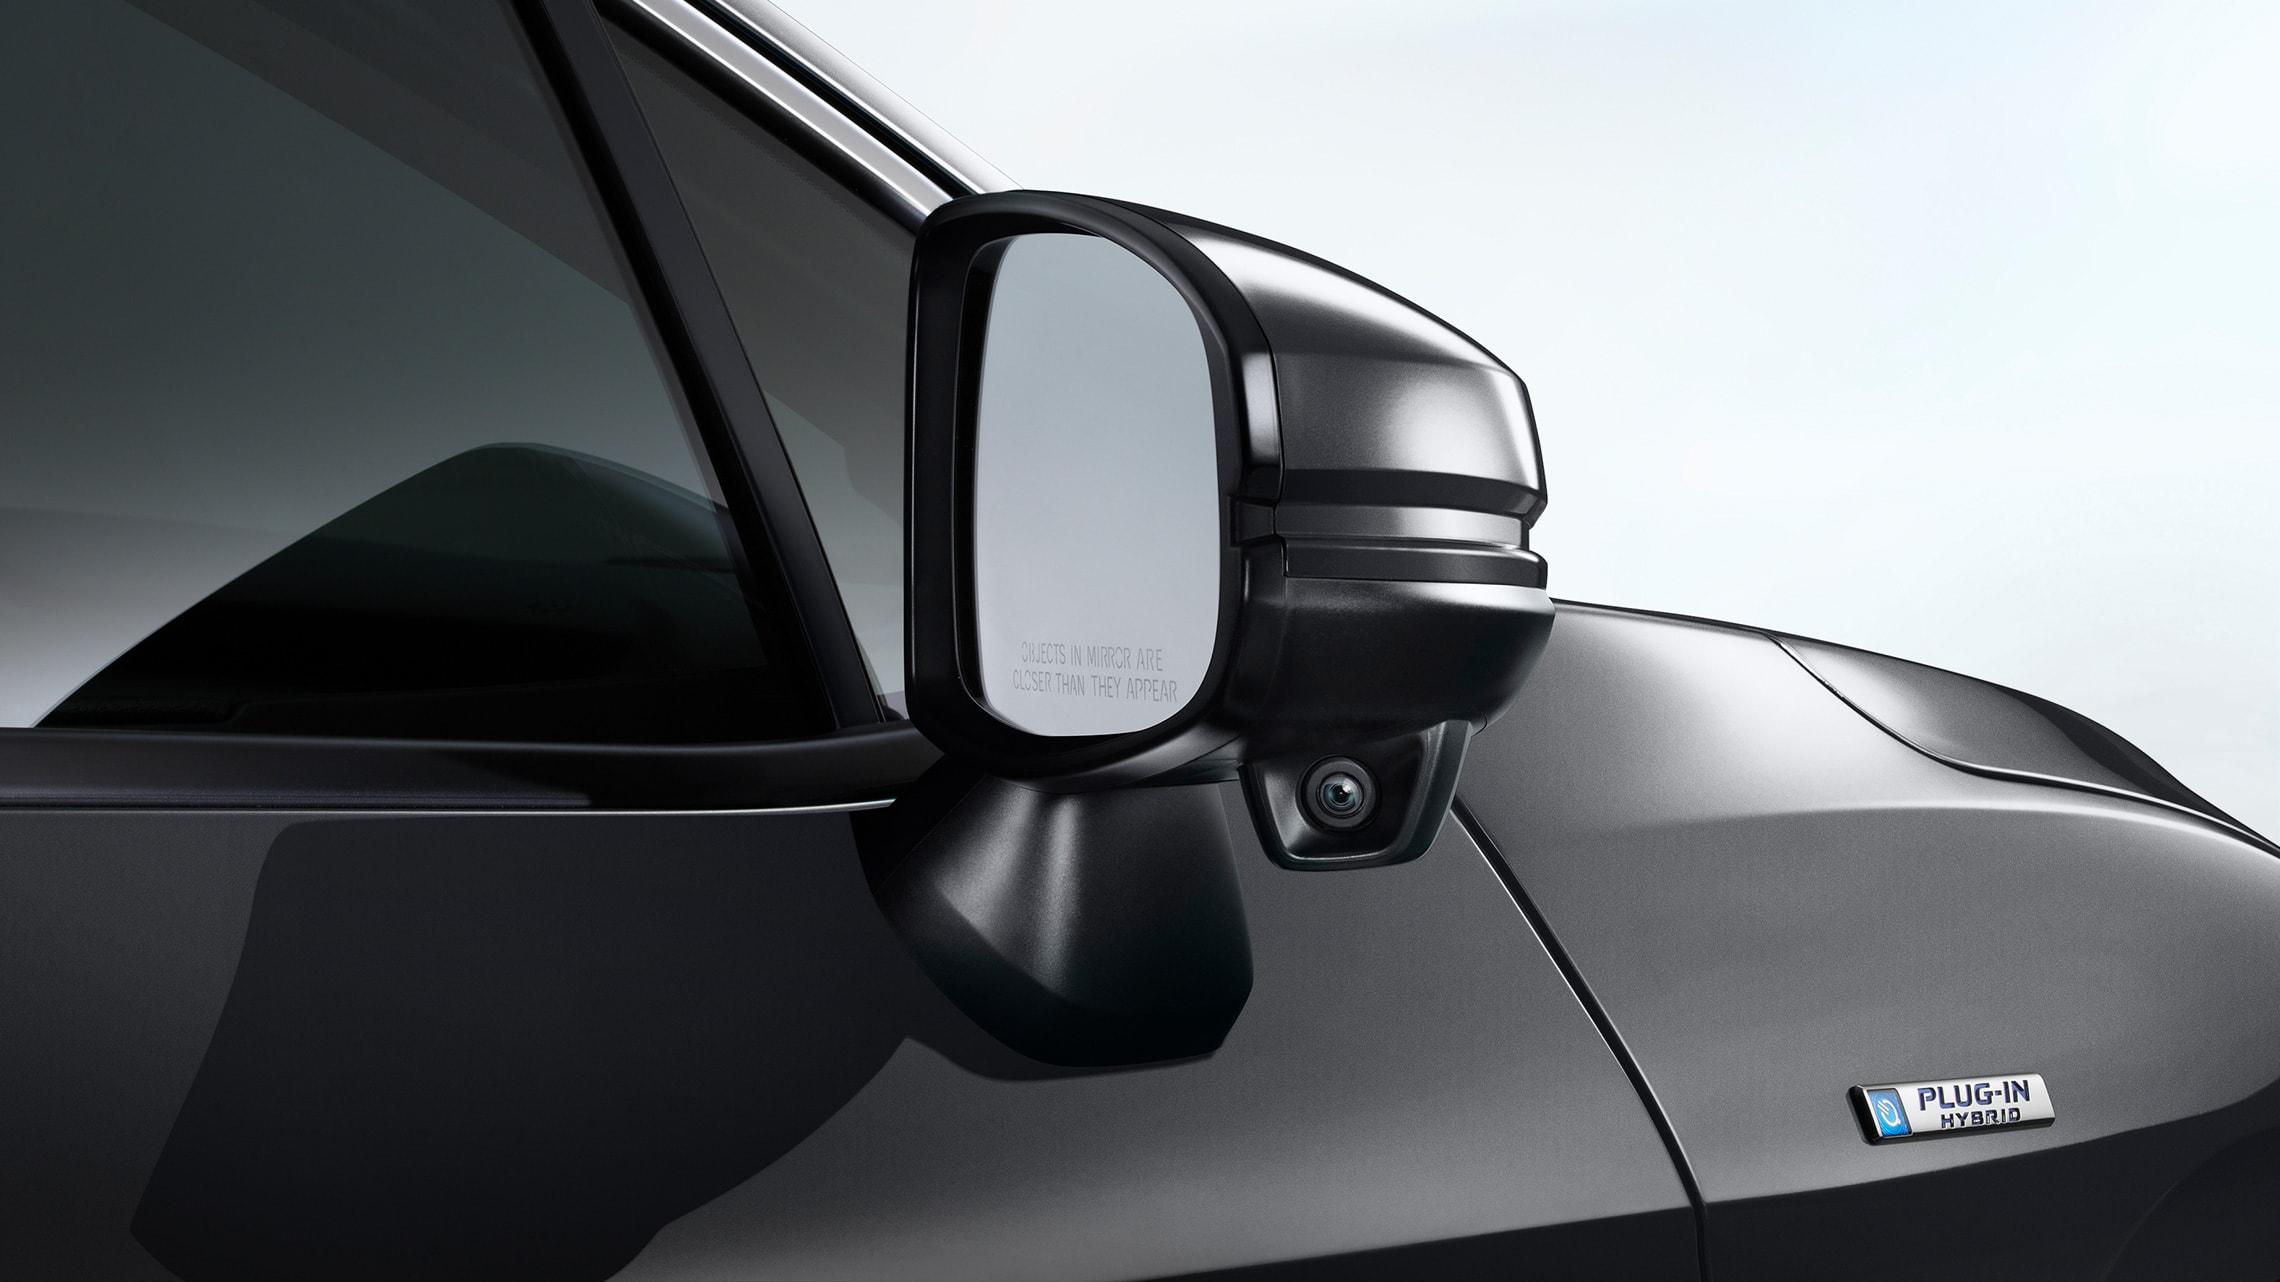 Detalle de la cámara en el espejo del lado del pasajero Honda LaneWatch™.